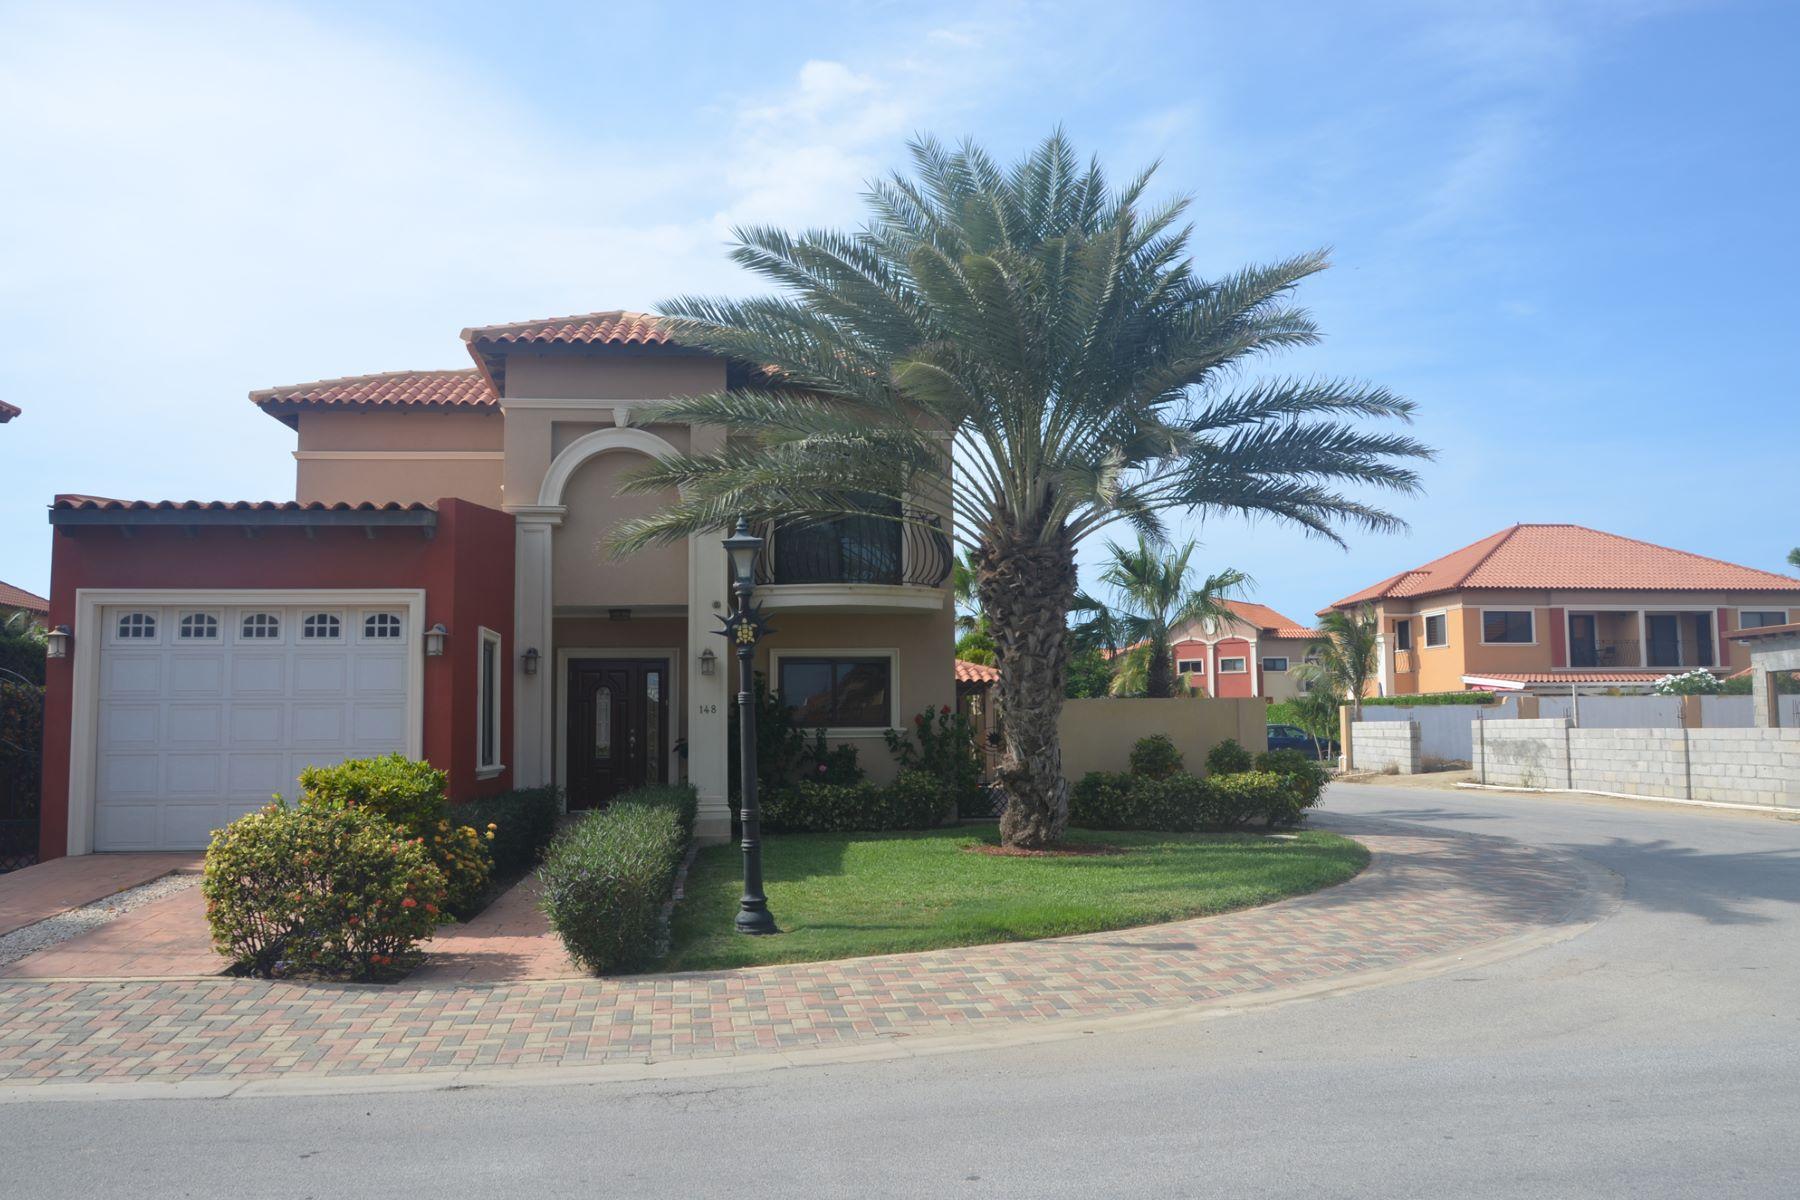 独户住宅 为 销售 在 Villa Basiruti Gold Coast Residence Malmok, 阿鲁巴 21000 阿鲁巴岛